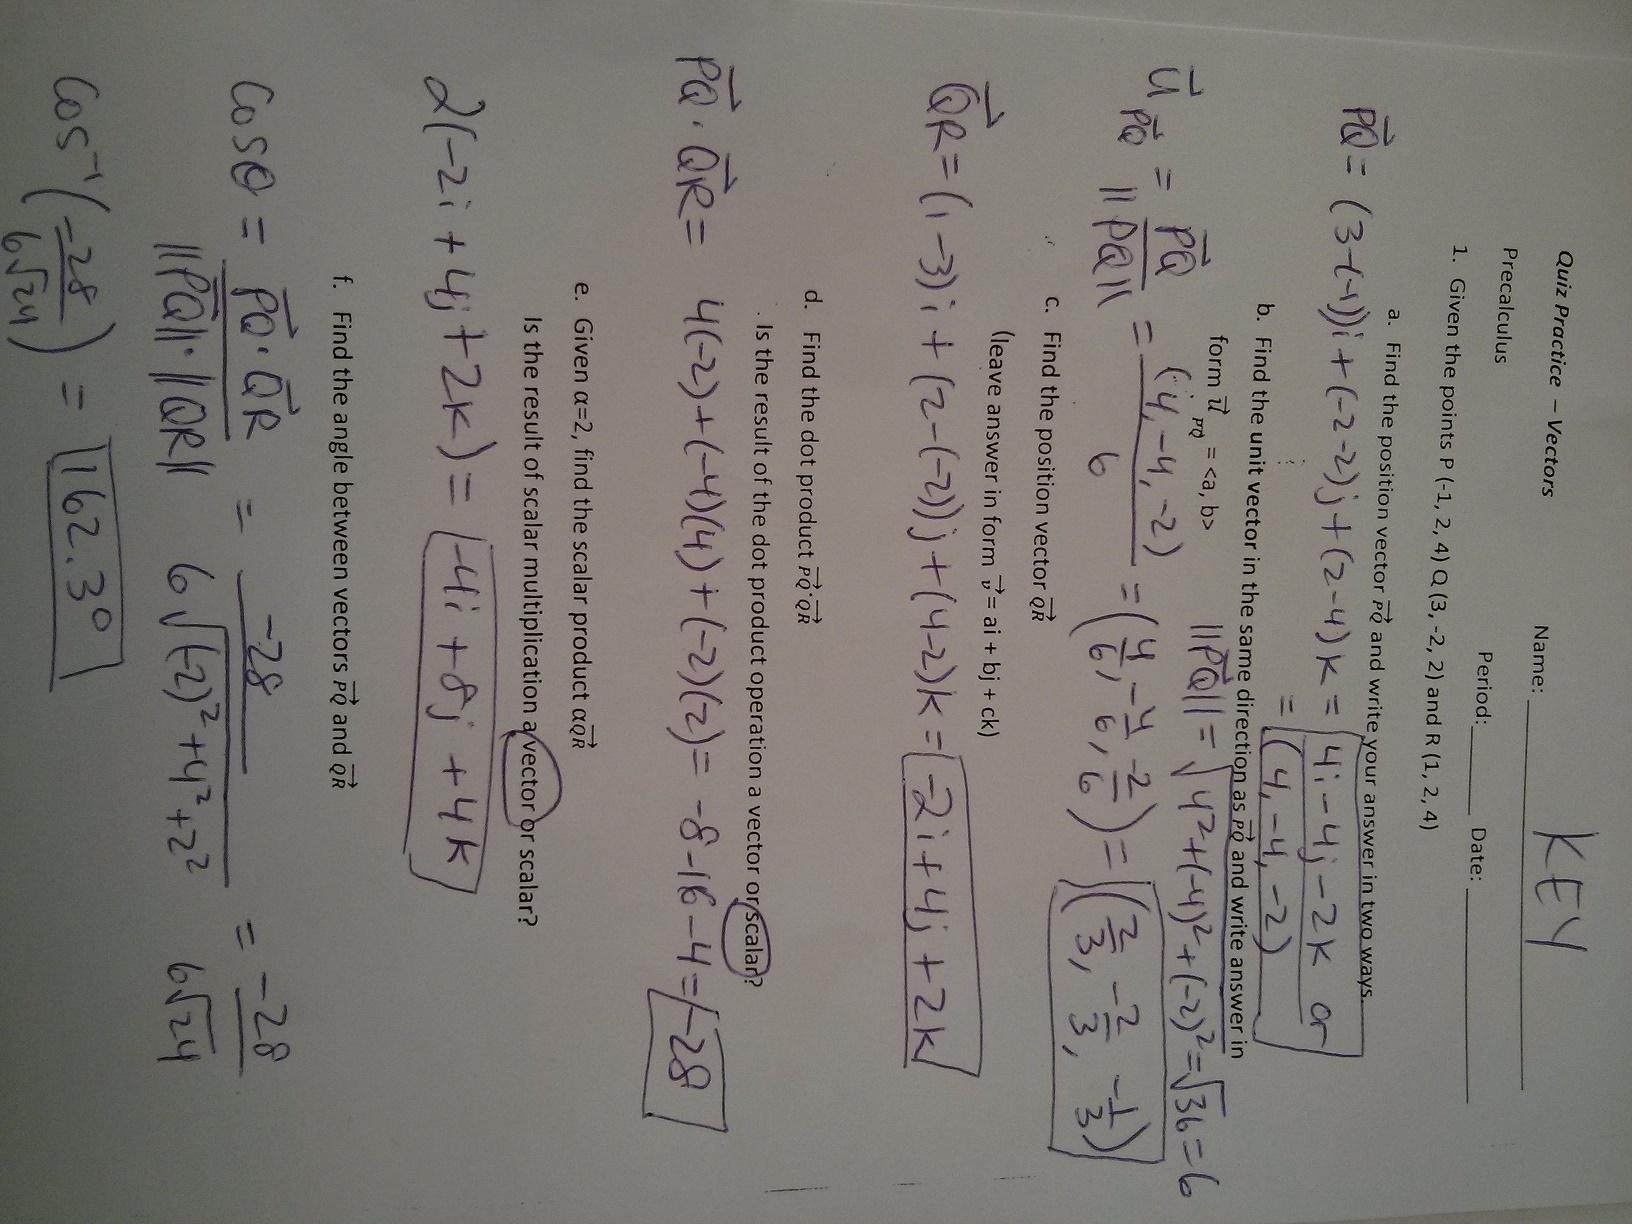 hight resolution of PreCalculus - Mrs. Baartmans